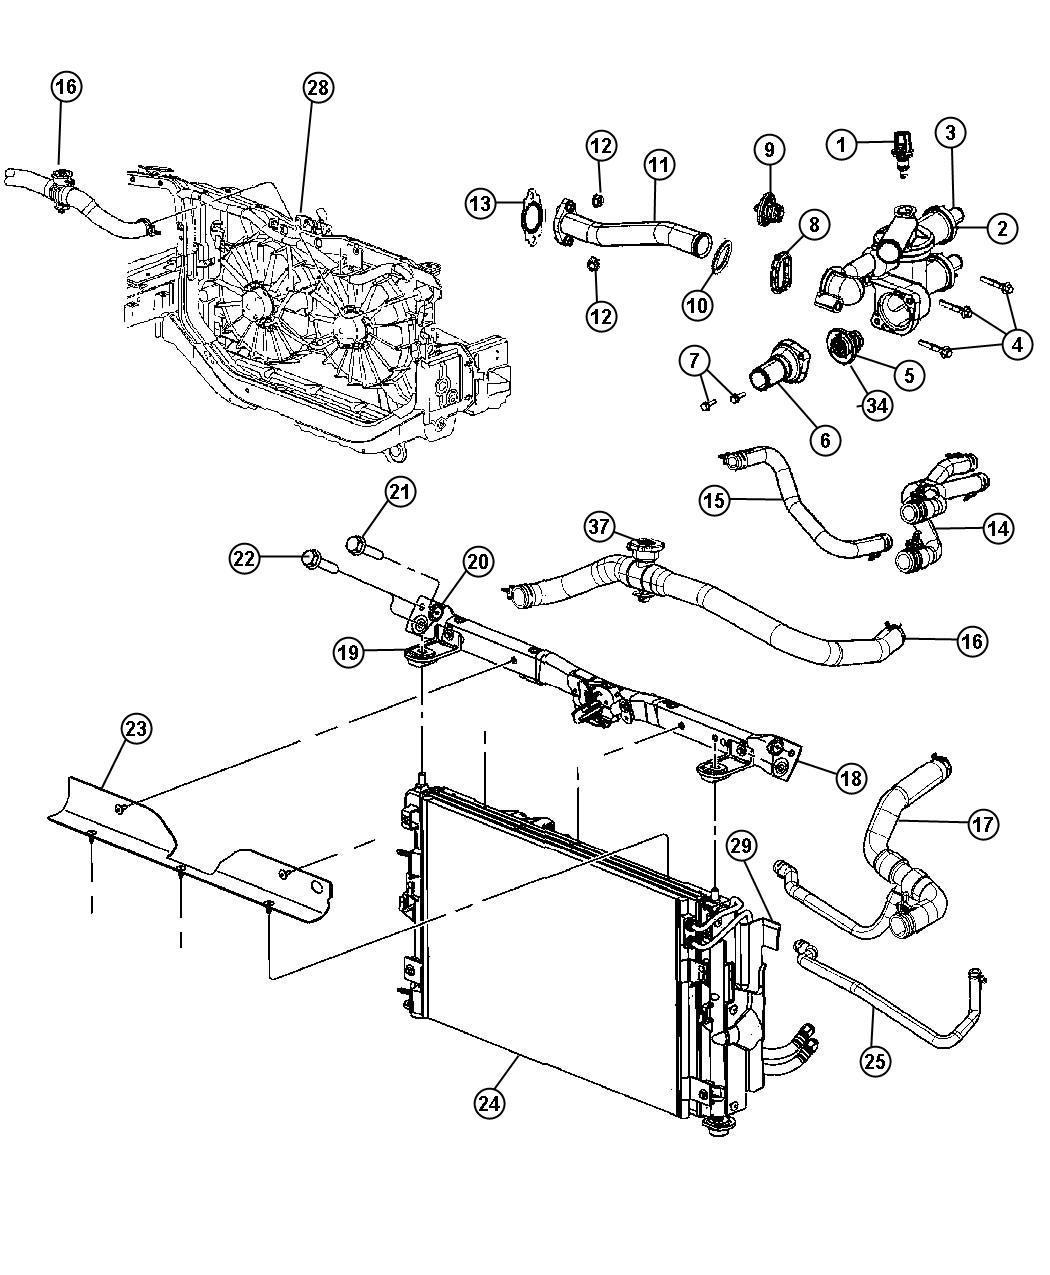 2006 dodge charger v6 Motor diagram